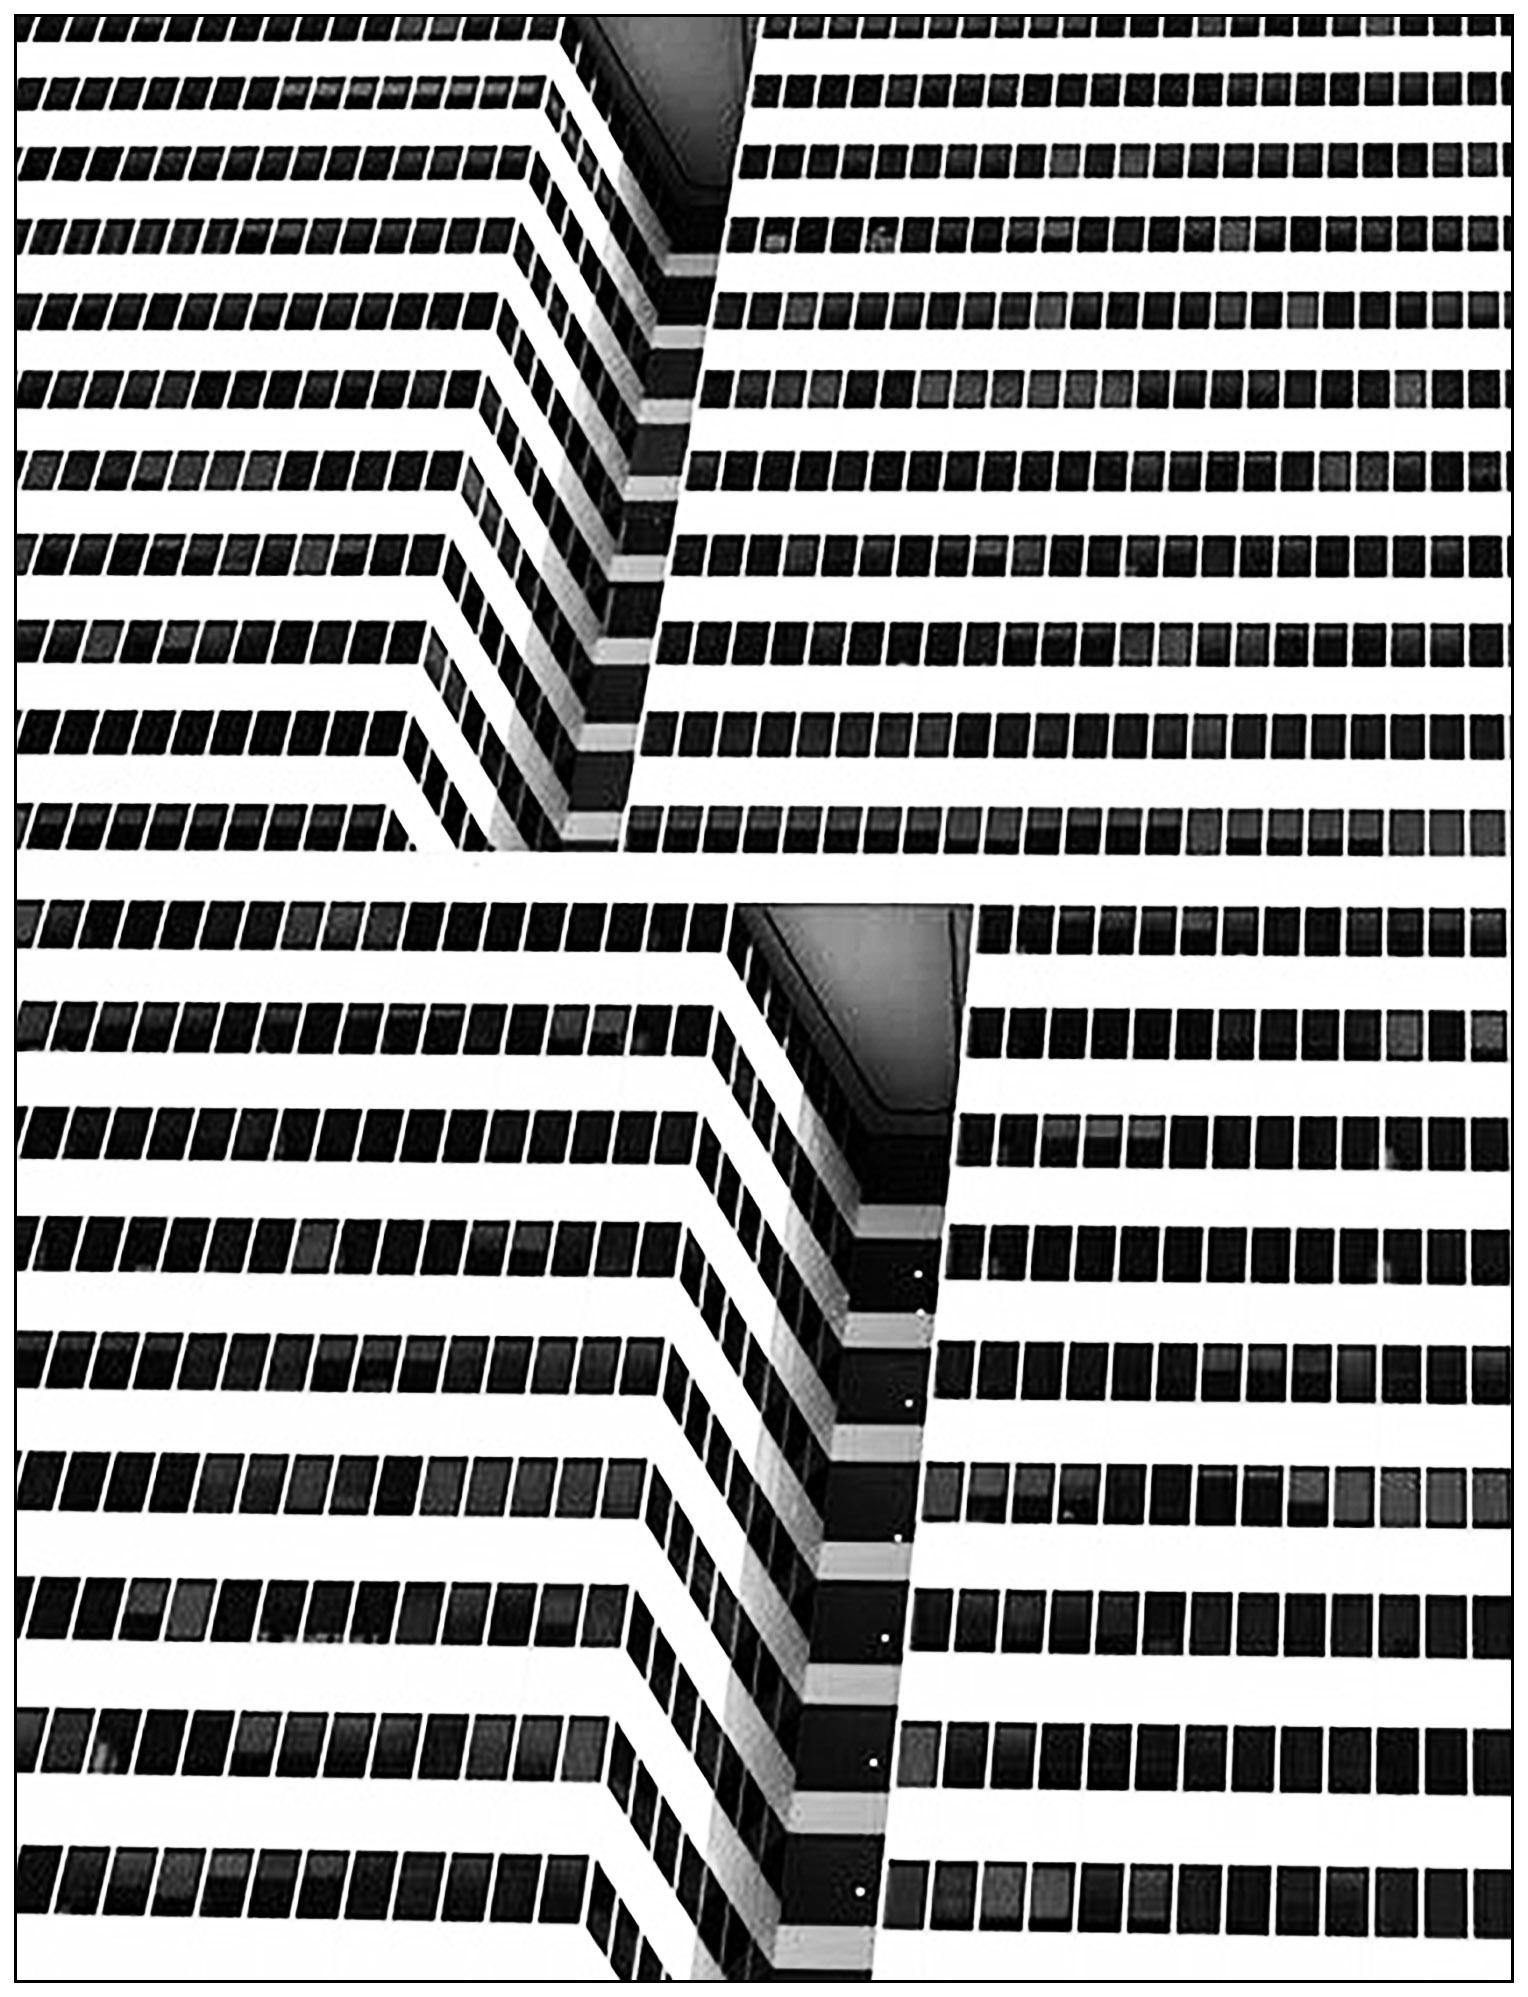 Incroyable architecture à New York (d'après une photo)